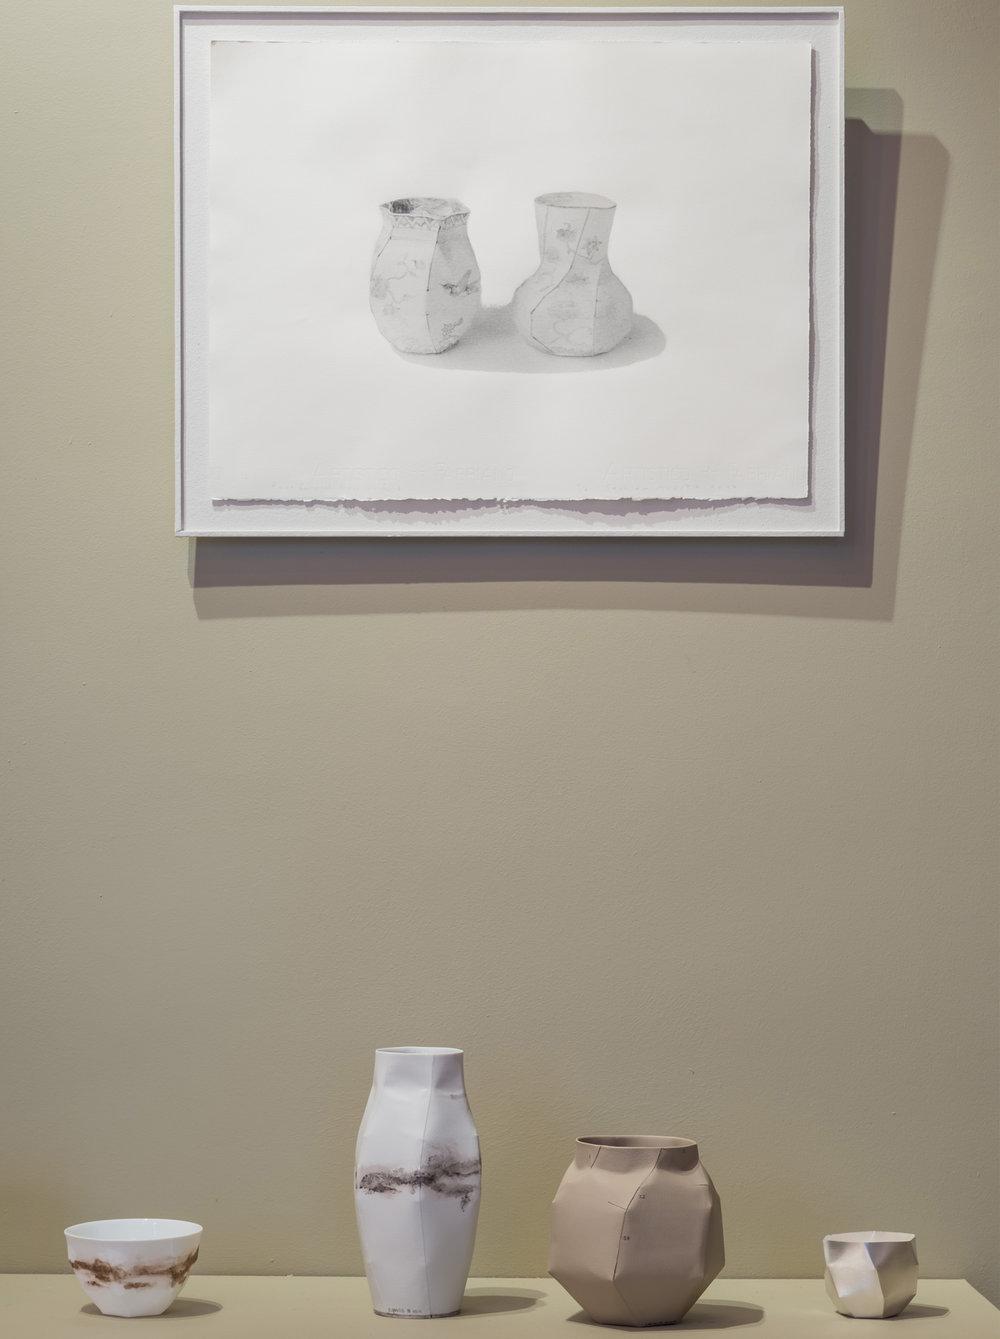 exposition-papier1-6.jpg